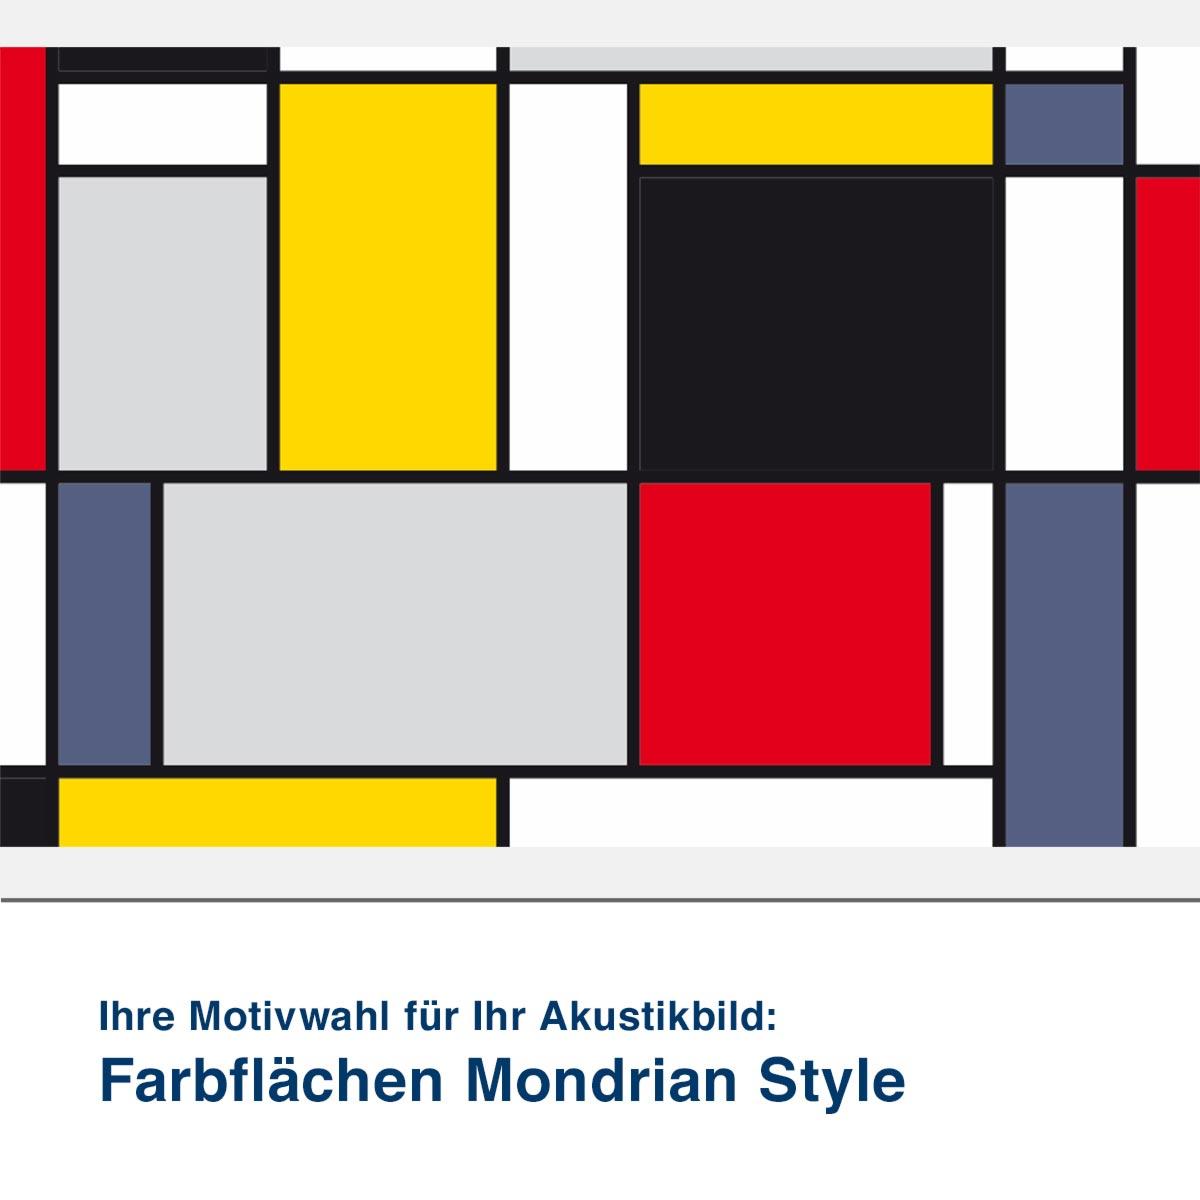 Akustikbild Motiv Farbflächen Mondrian Style